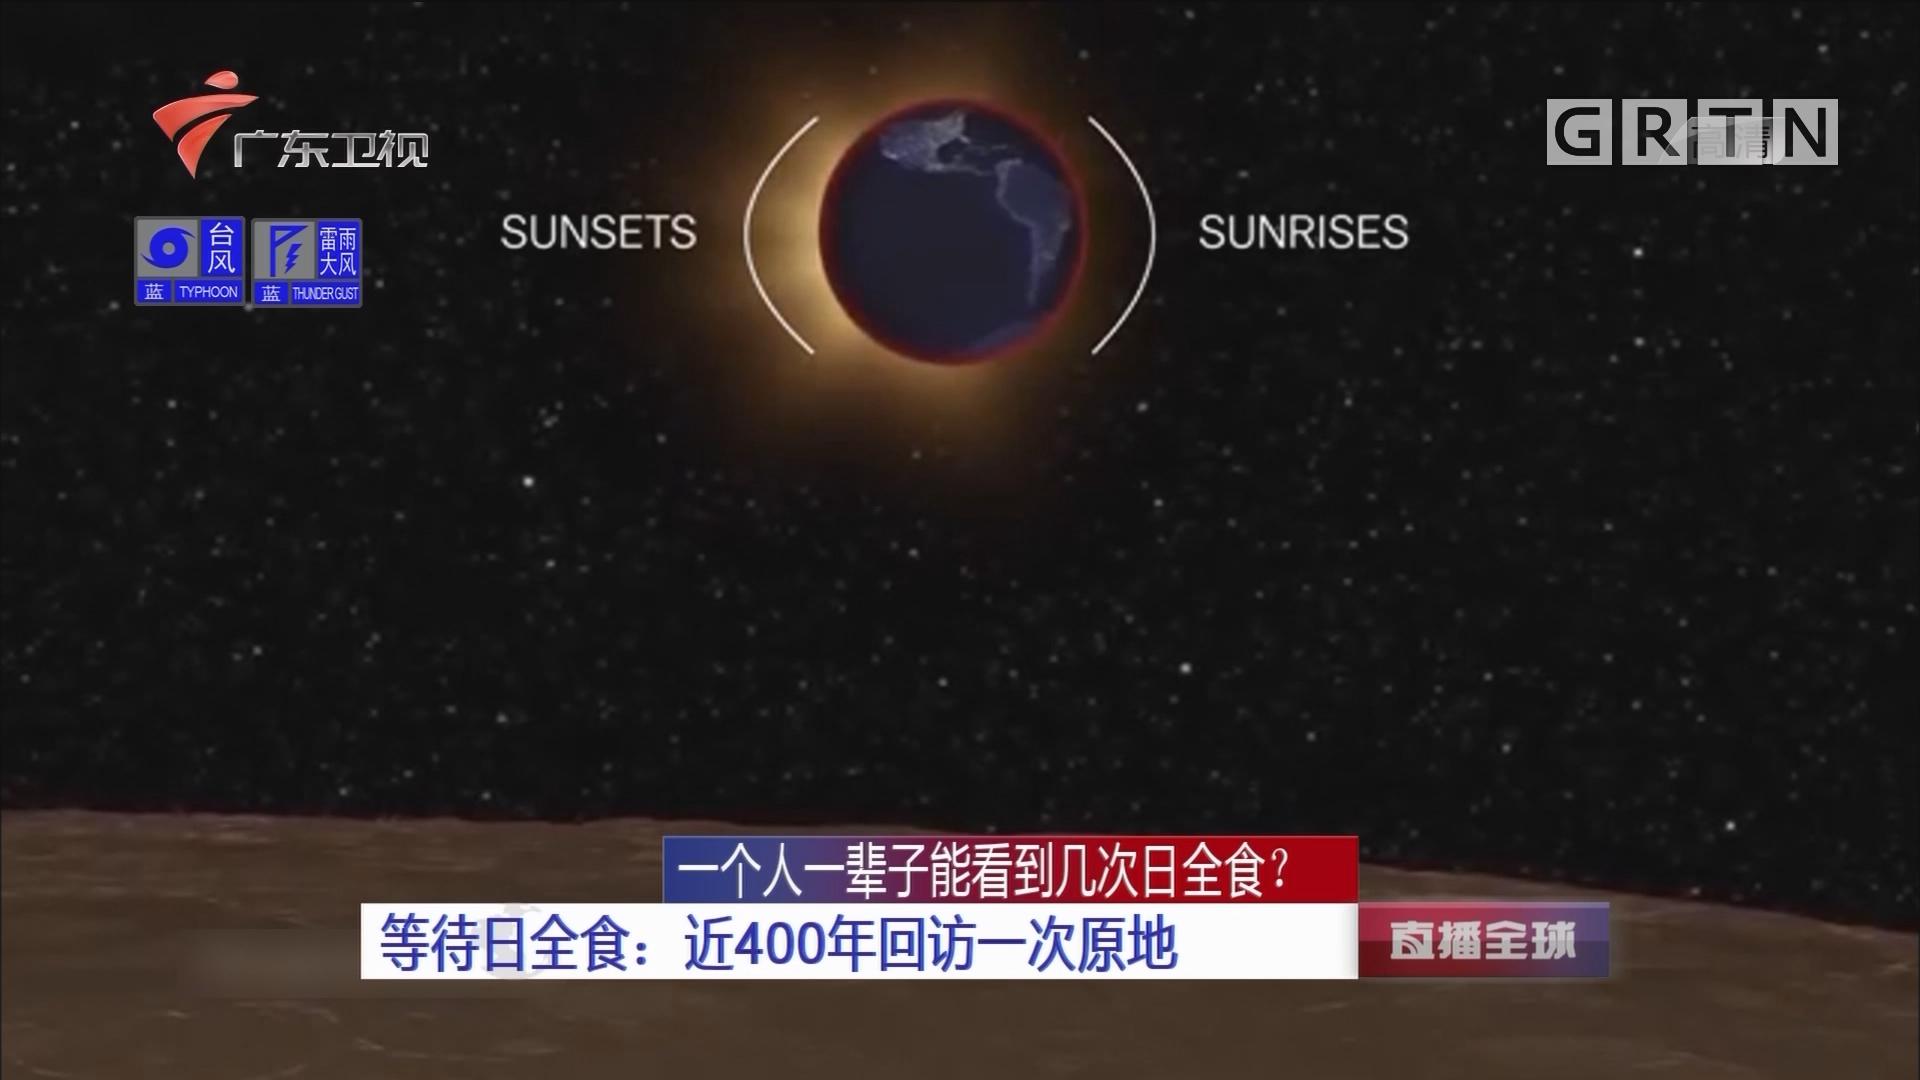 一个人一辈子能看到几次日全食? 等待日全食:近400年回访一次原地